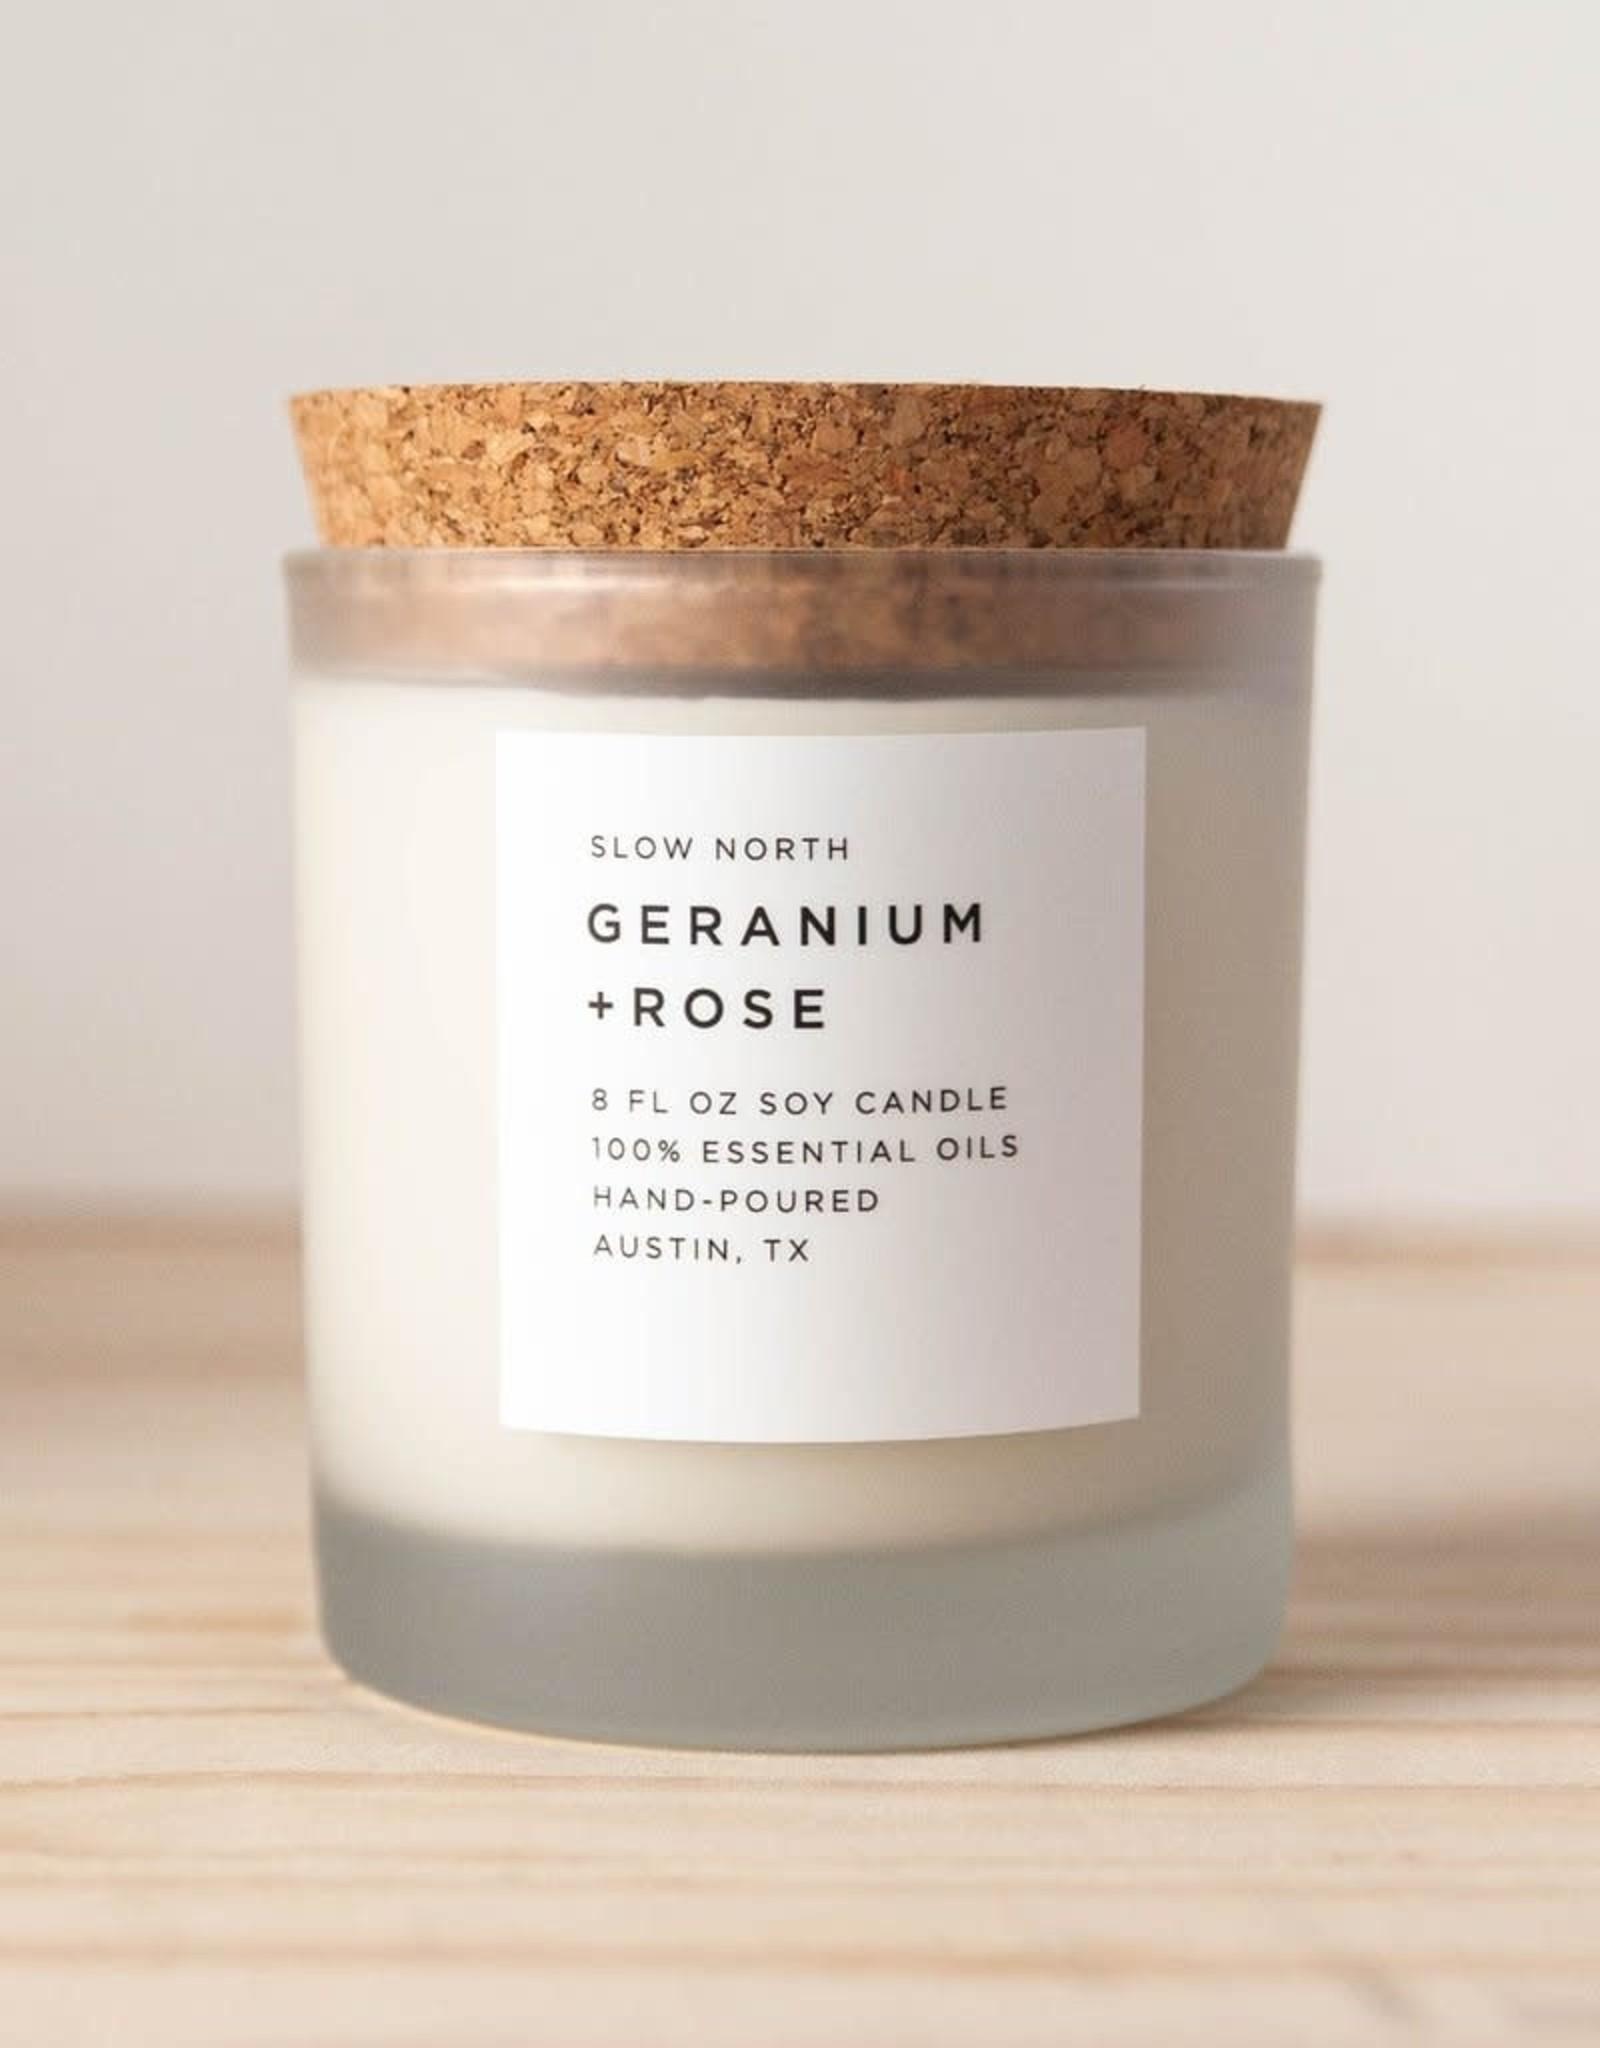 Slow North Geranium Rose